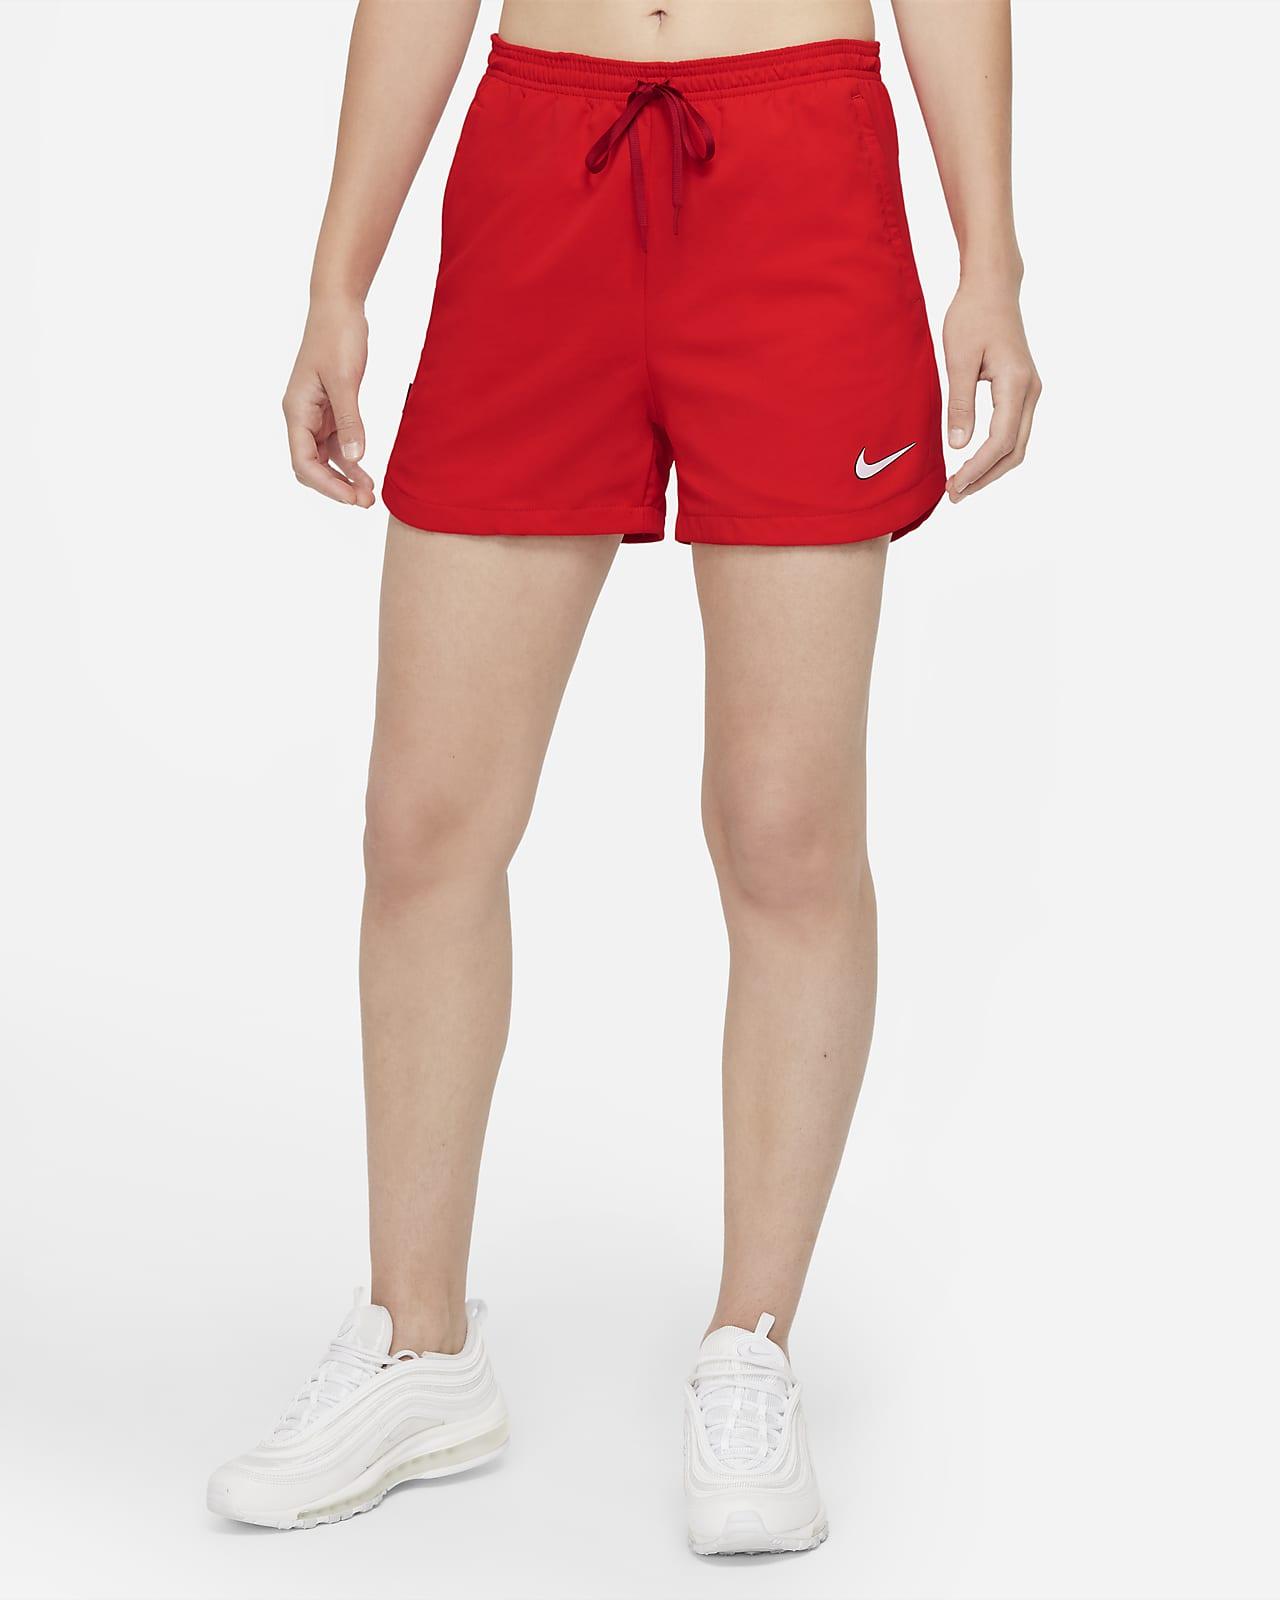 Nike F.C. Dri-FIT Geweven voetbalshorts voor dames